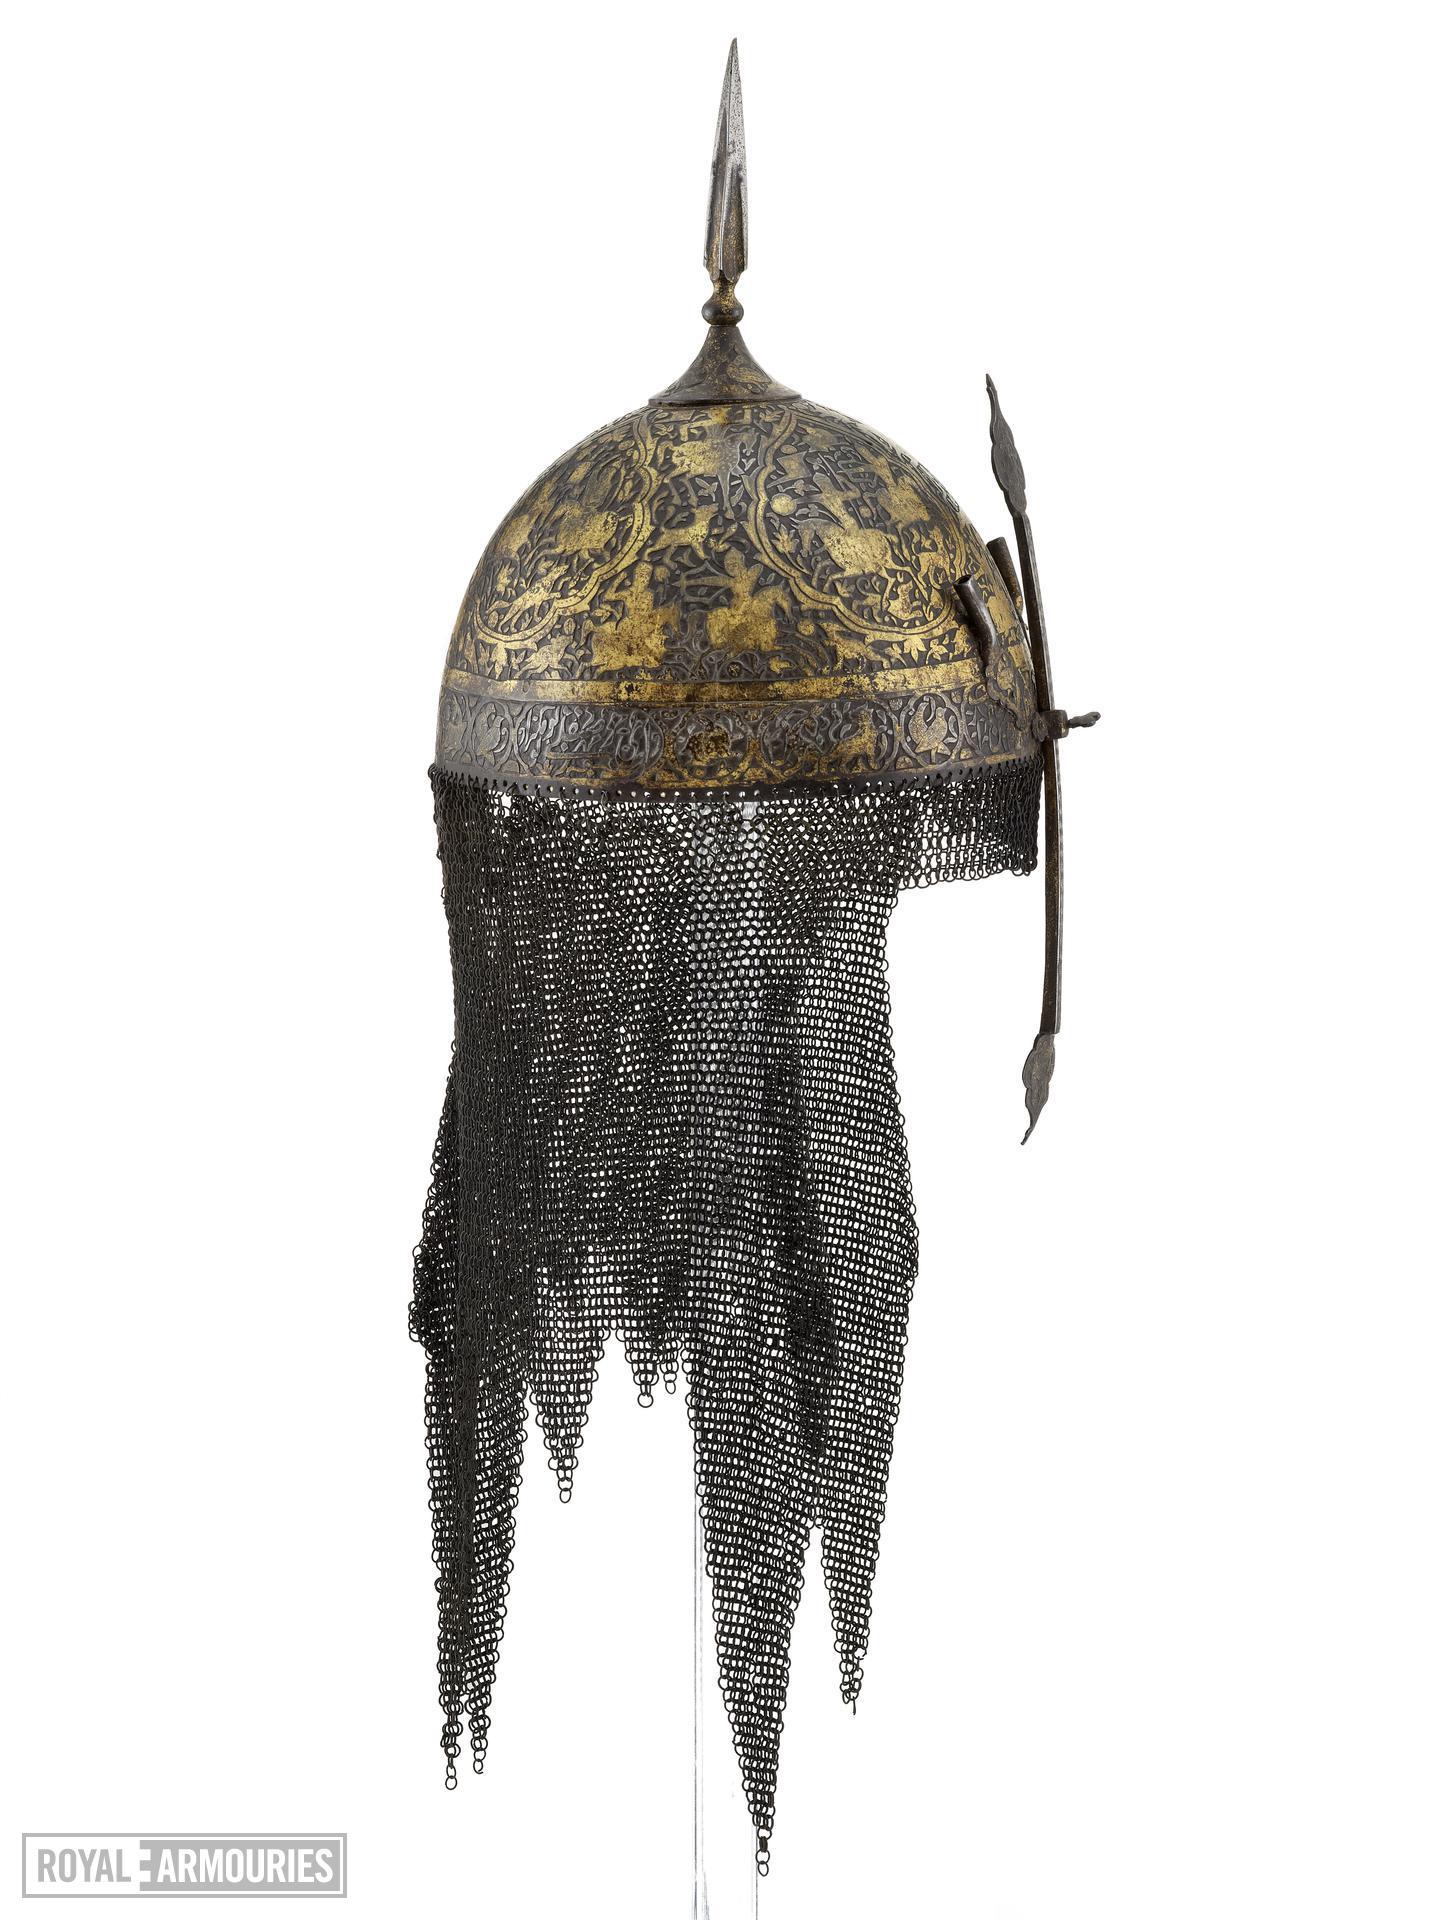 Helmet (kolah khud)